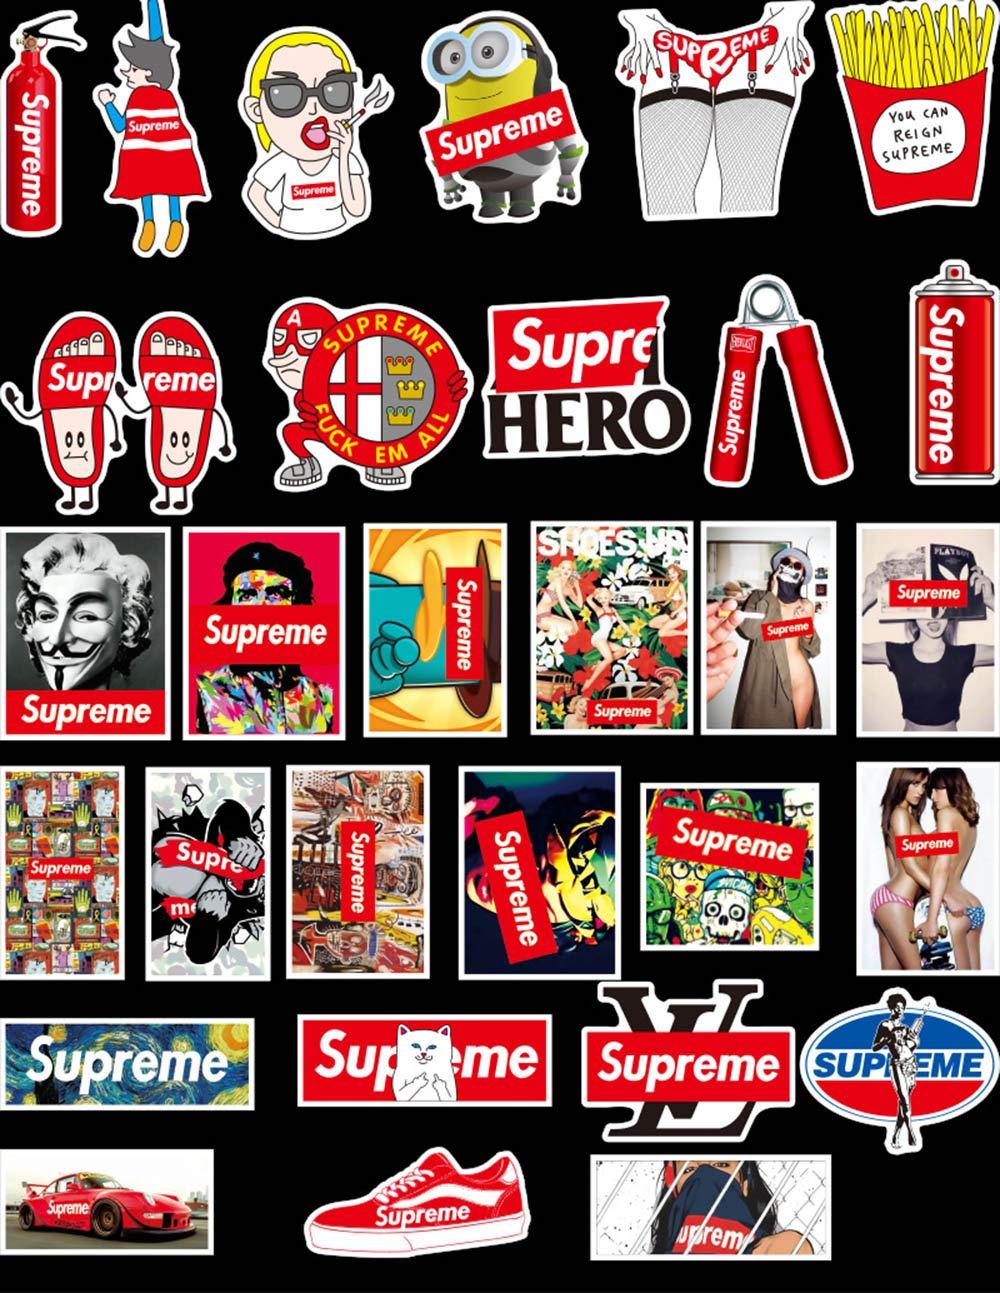 Autocollant Stickers 100 Pcs-Supreme pour ordinateur portable Stickers muraux en autocollant de voiture pour snowboard Moto ordinateur DIY clavier fen/être de voiture mural Motif graffiti patches